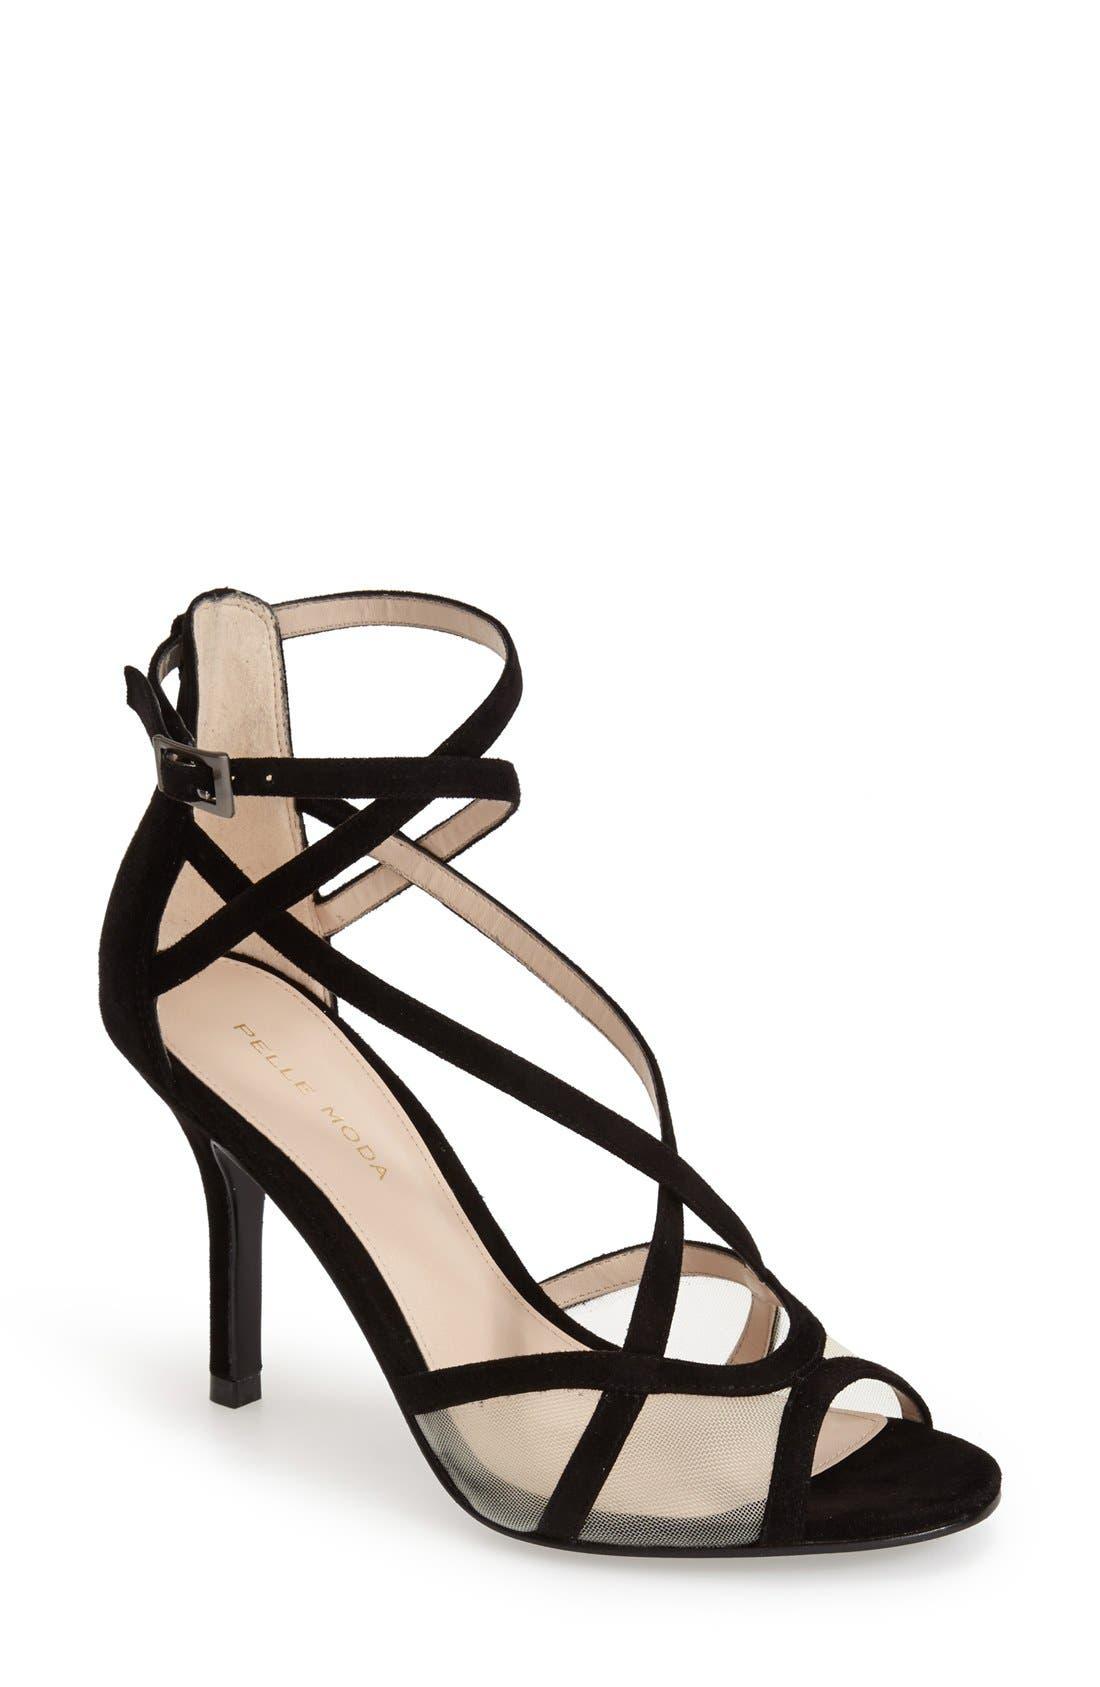 Main Image - Pelle Moda 'Everly' Sandal (Women)